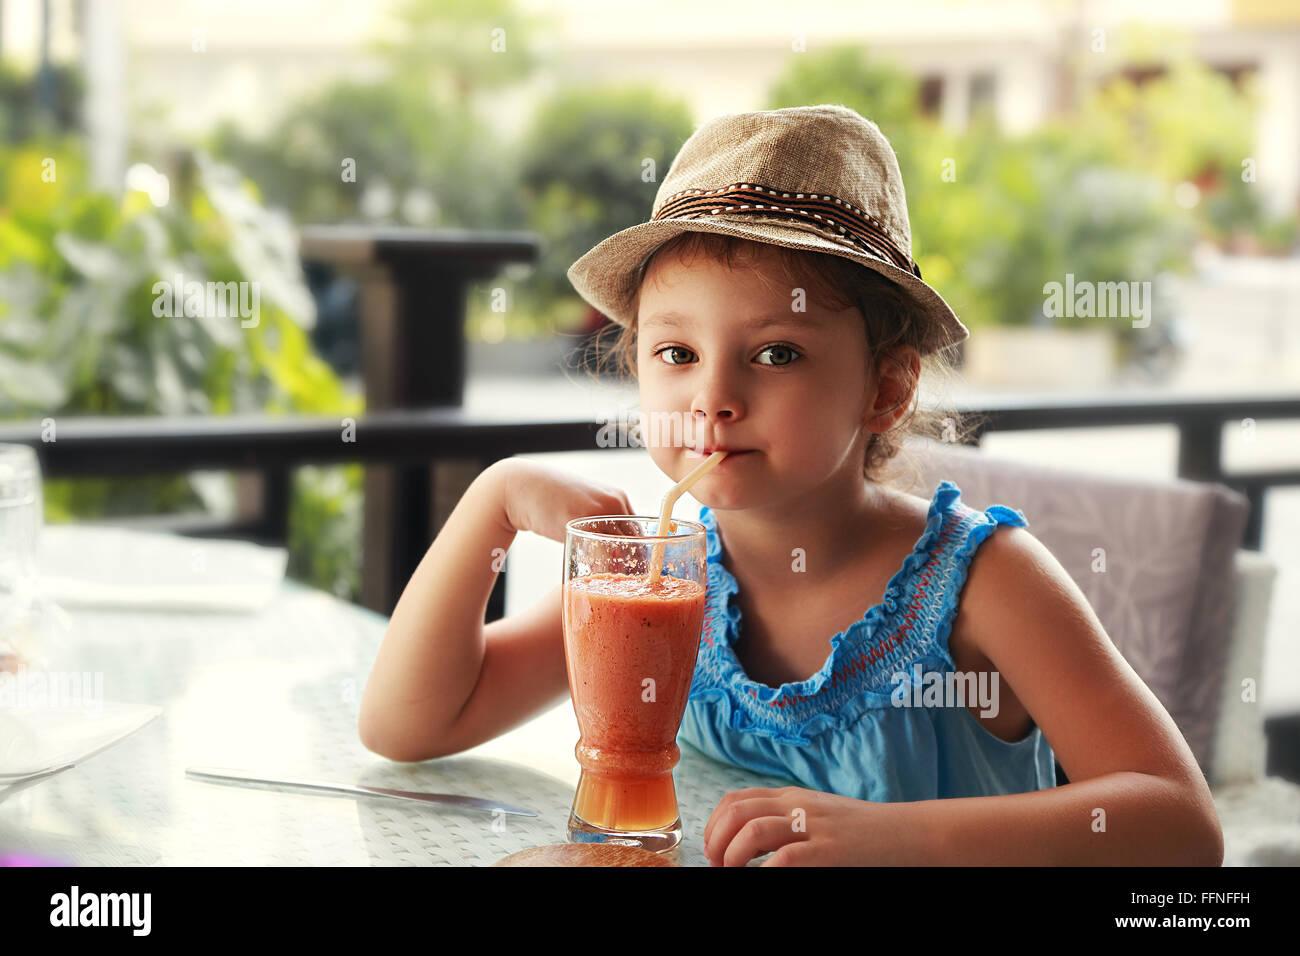 Chico divertido chica de moda hat beber jugo de batido en el restaurante de la calle Imagen De Stock